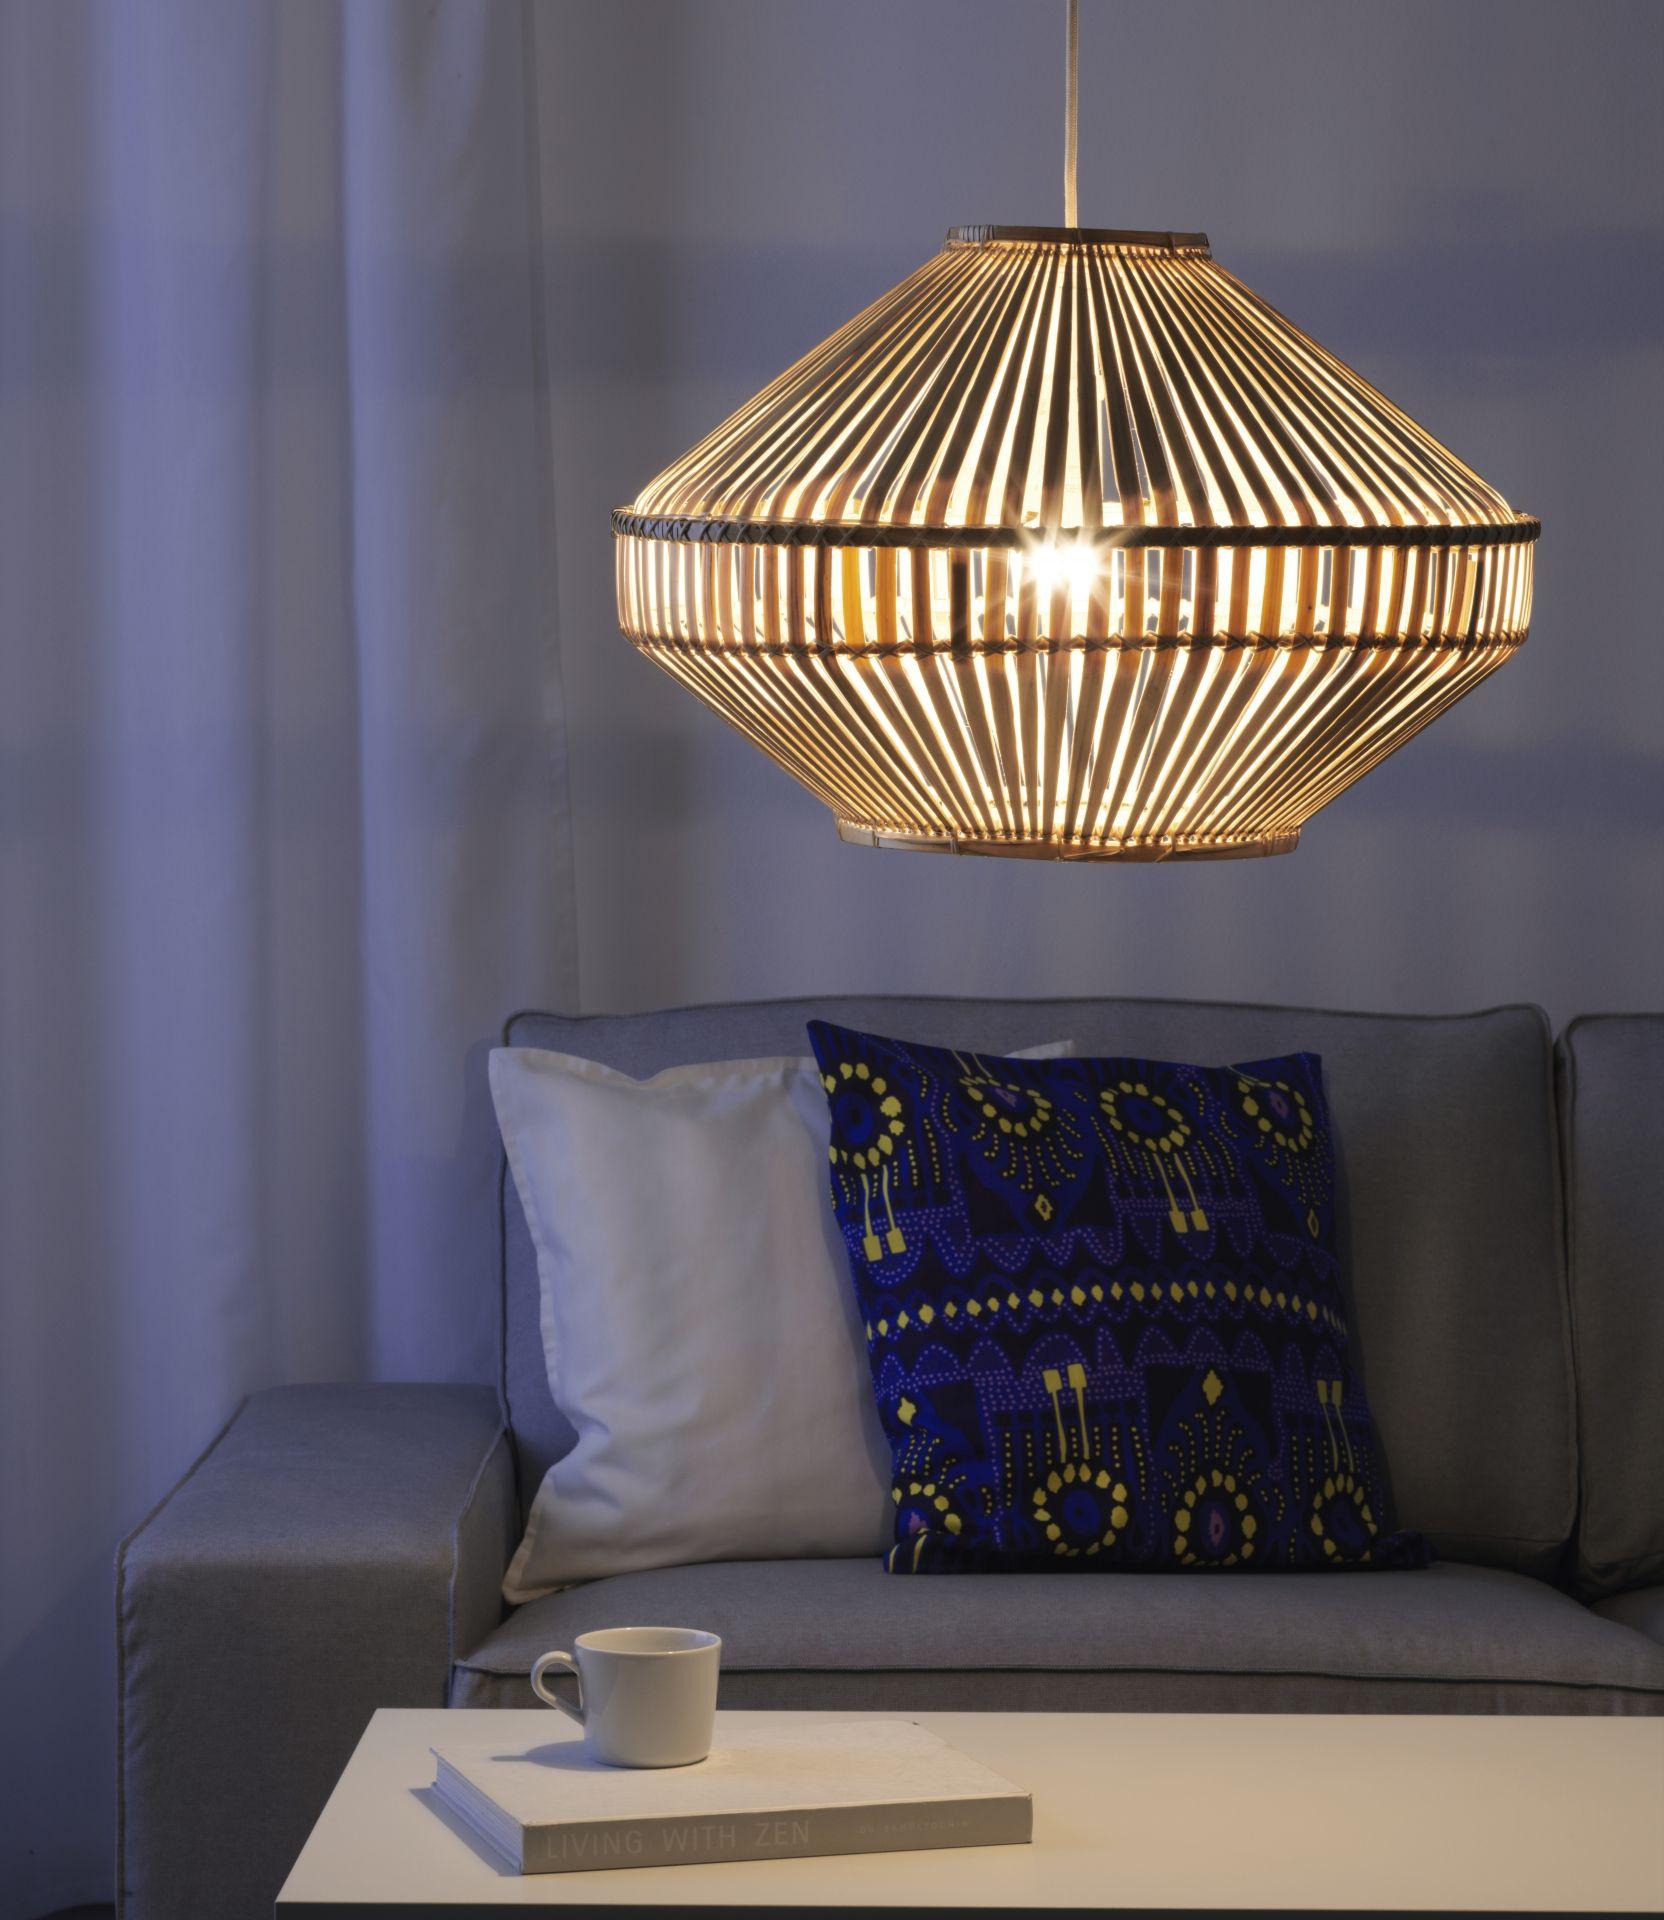 JASSA hanglampenkap | IKEA IKEAnederland IKEAnl nieuw Piet Hein Eek ...